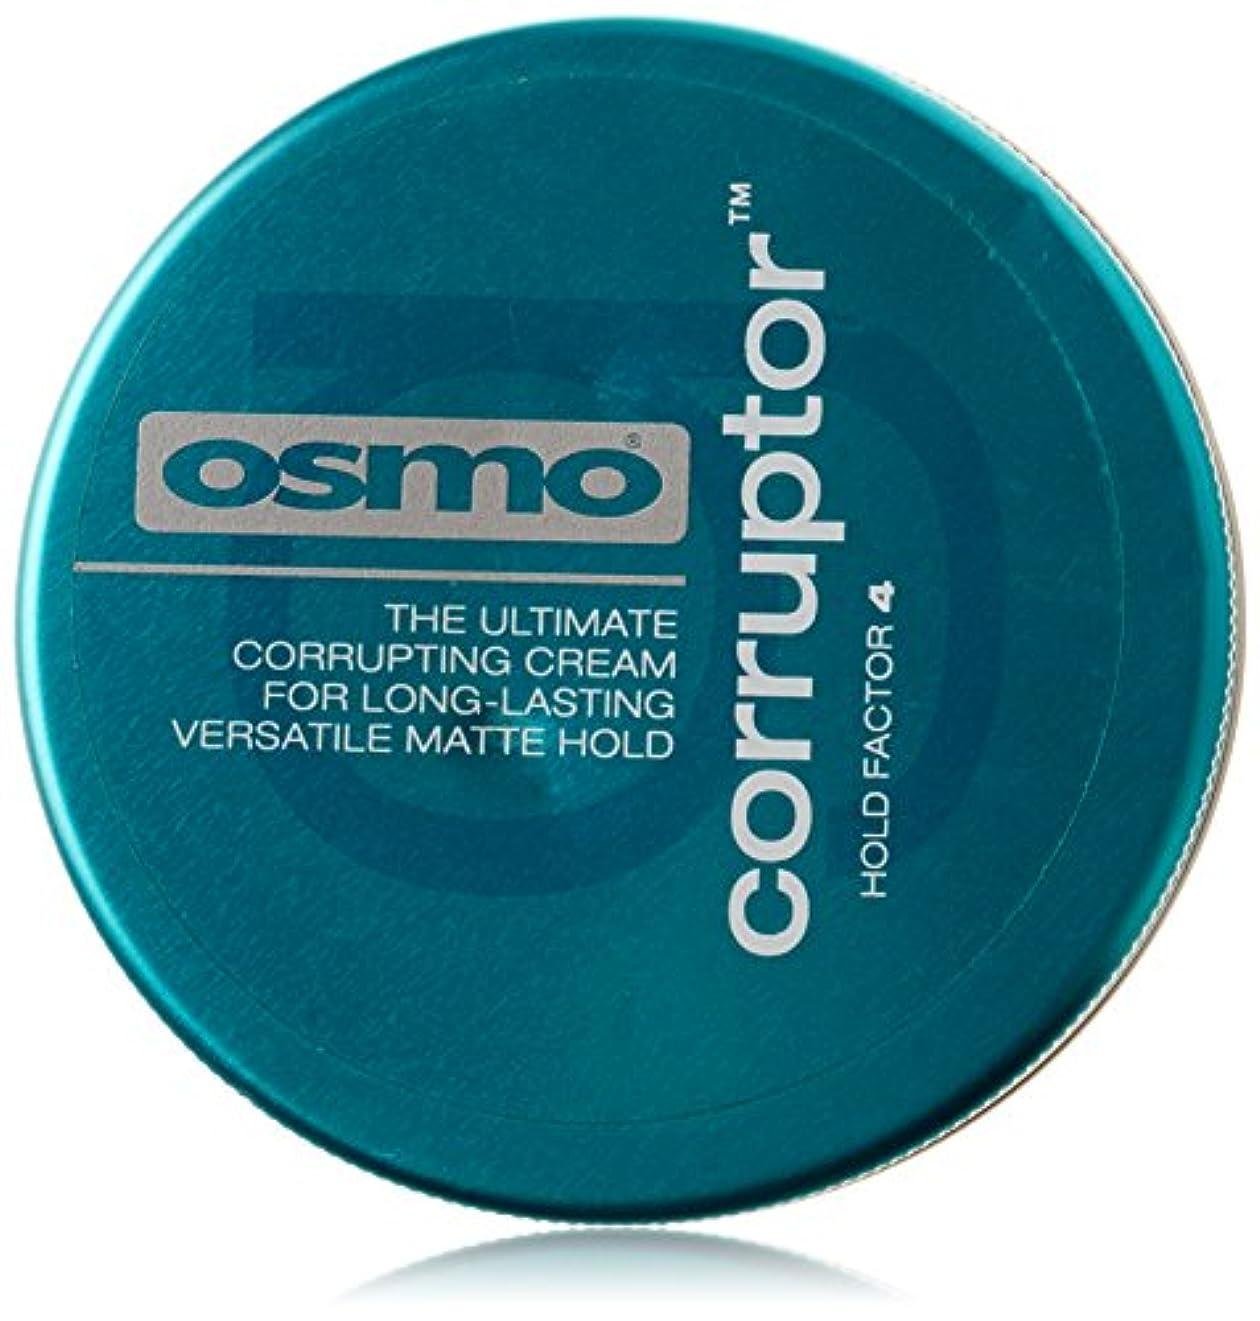 アレス OSMO ヘアワックス コラプター 100g